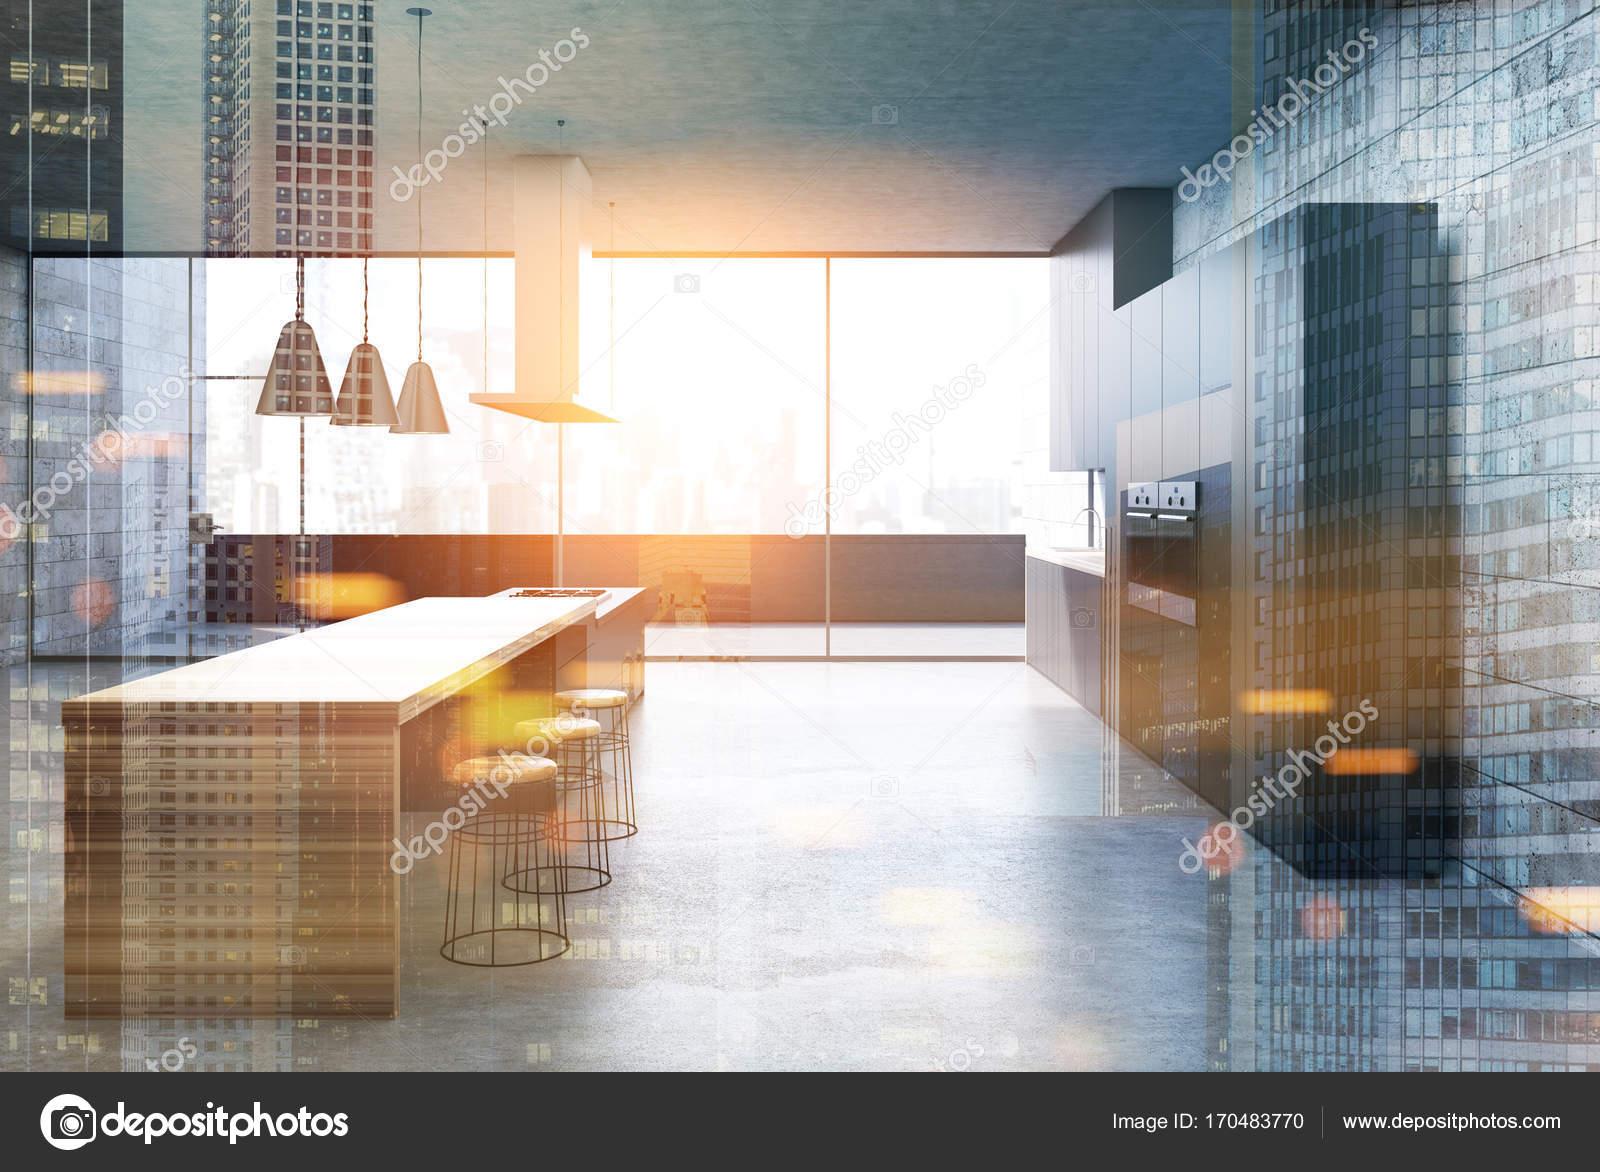 Konkrete Küche, schwarzen Schränke, Bar, getönt — Stockfoto ...